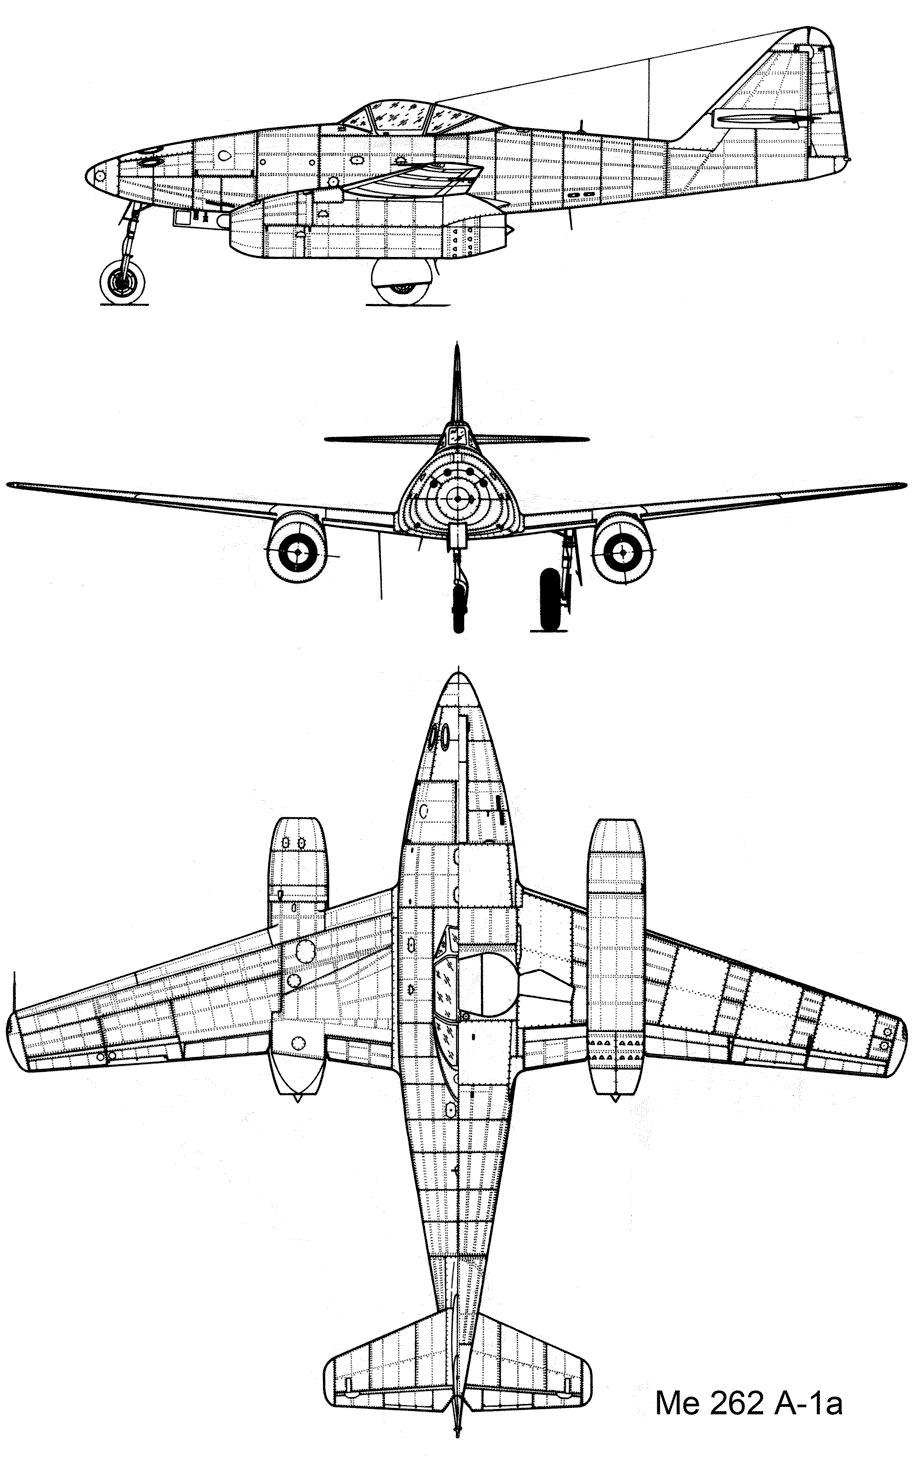 Чертеж реактивного истребителя Me-262